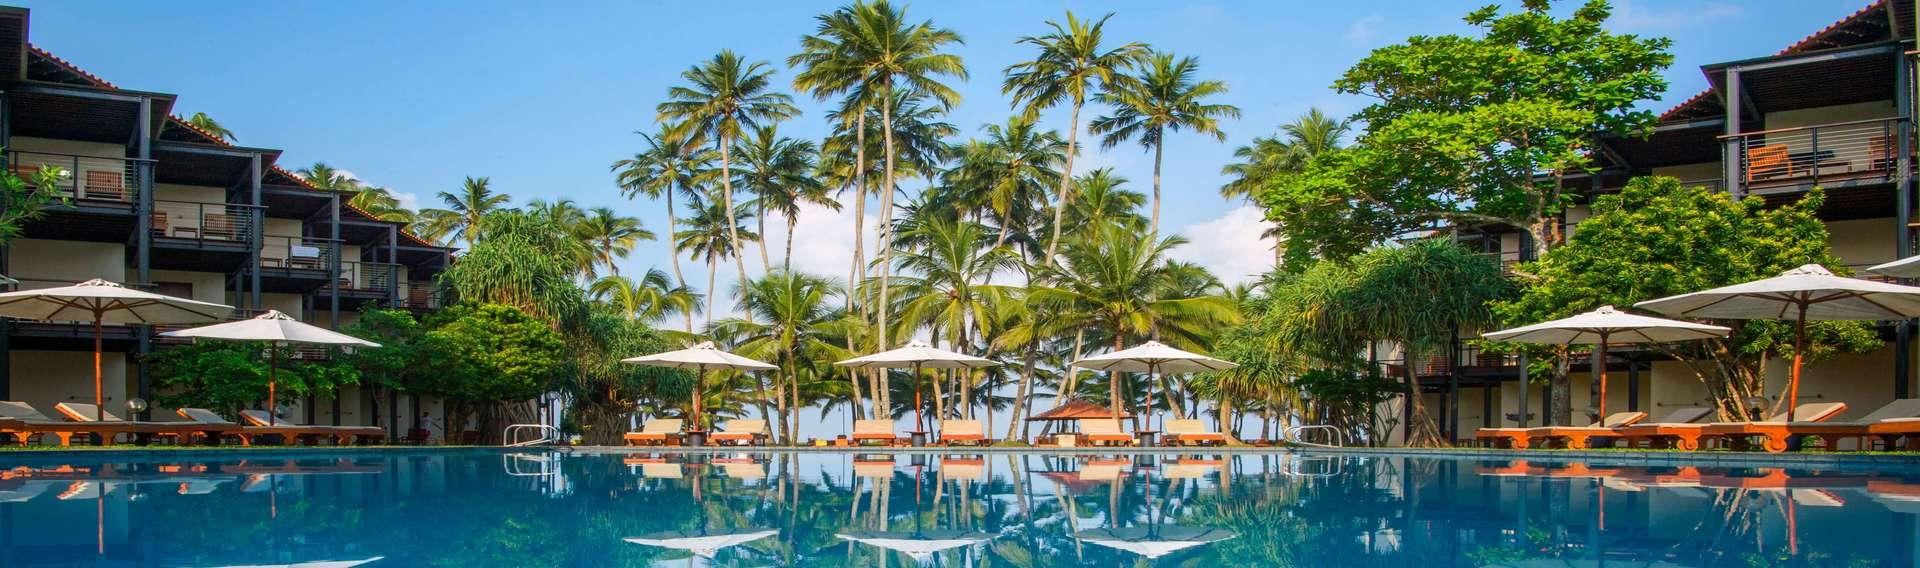 Relax in Sri Lanka